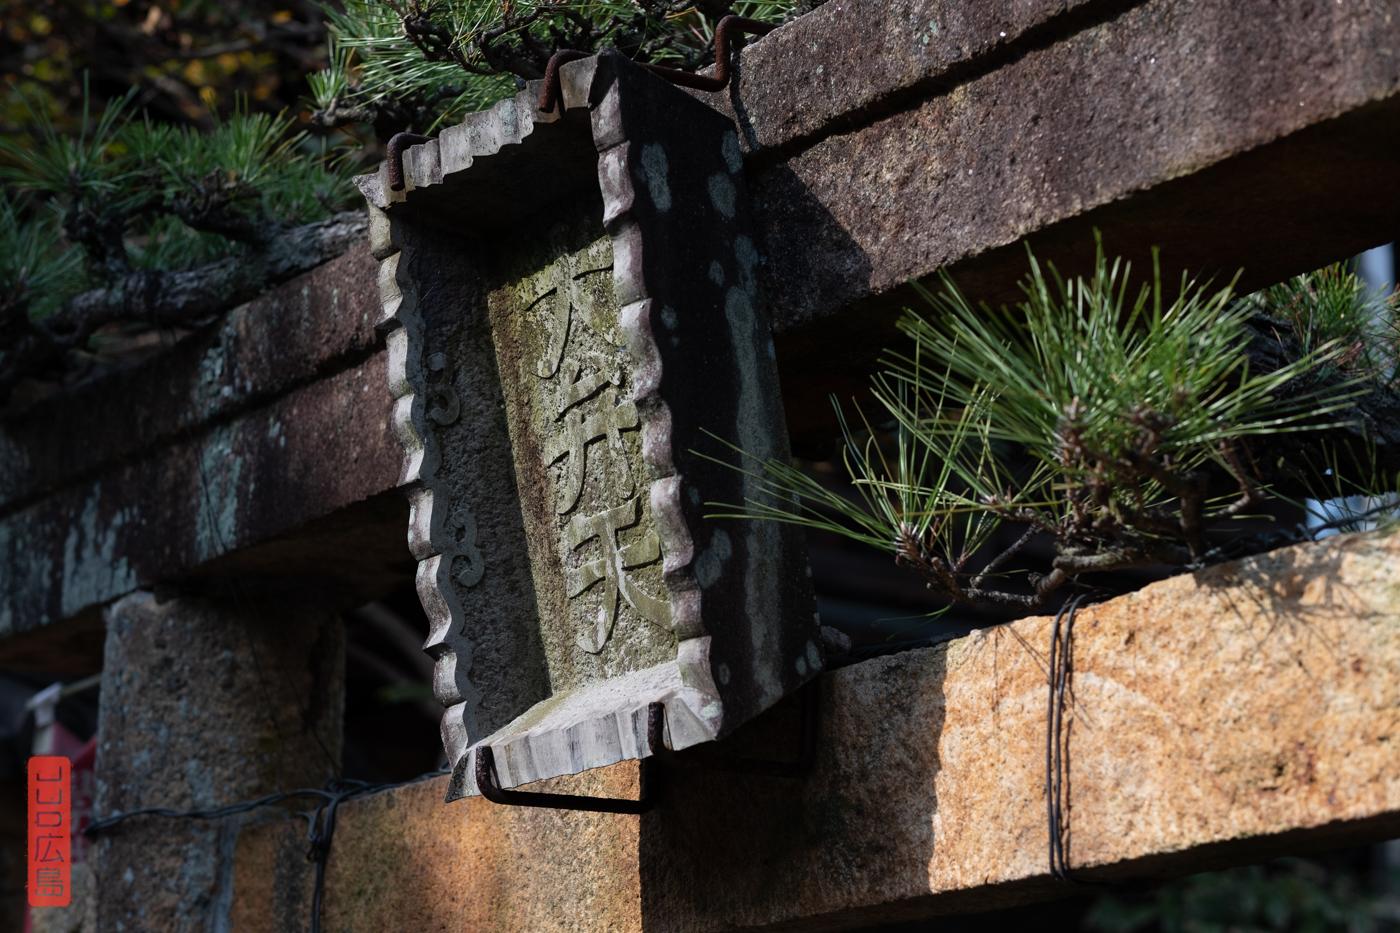 Détail sur le Torii de pierre à l'entrée du Benten-do, près du temple Dairen-ji